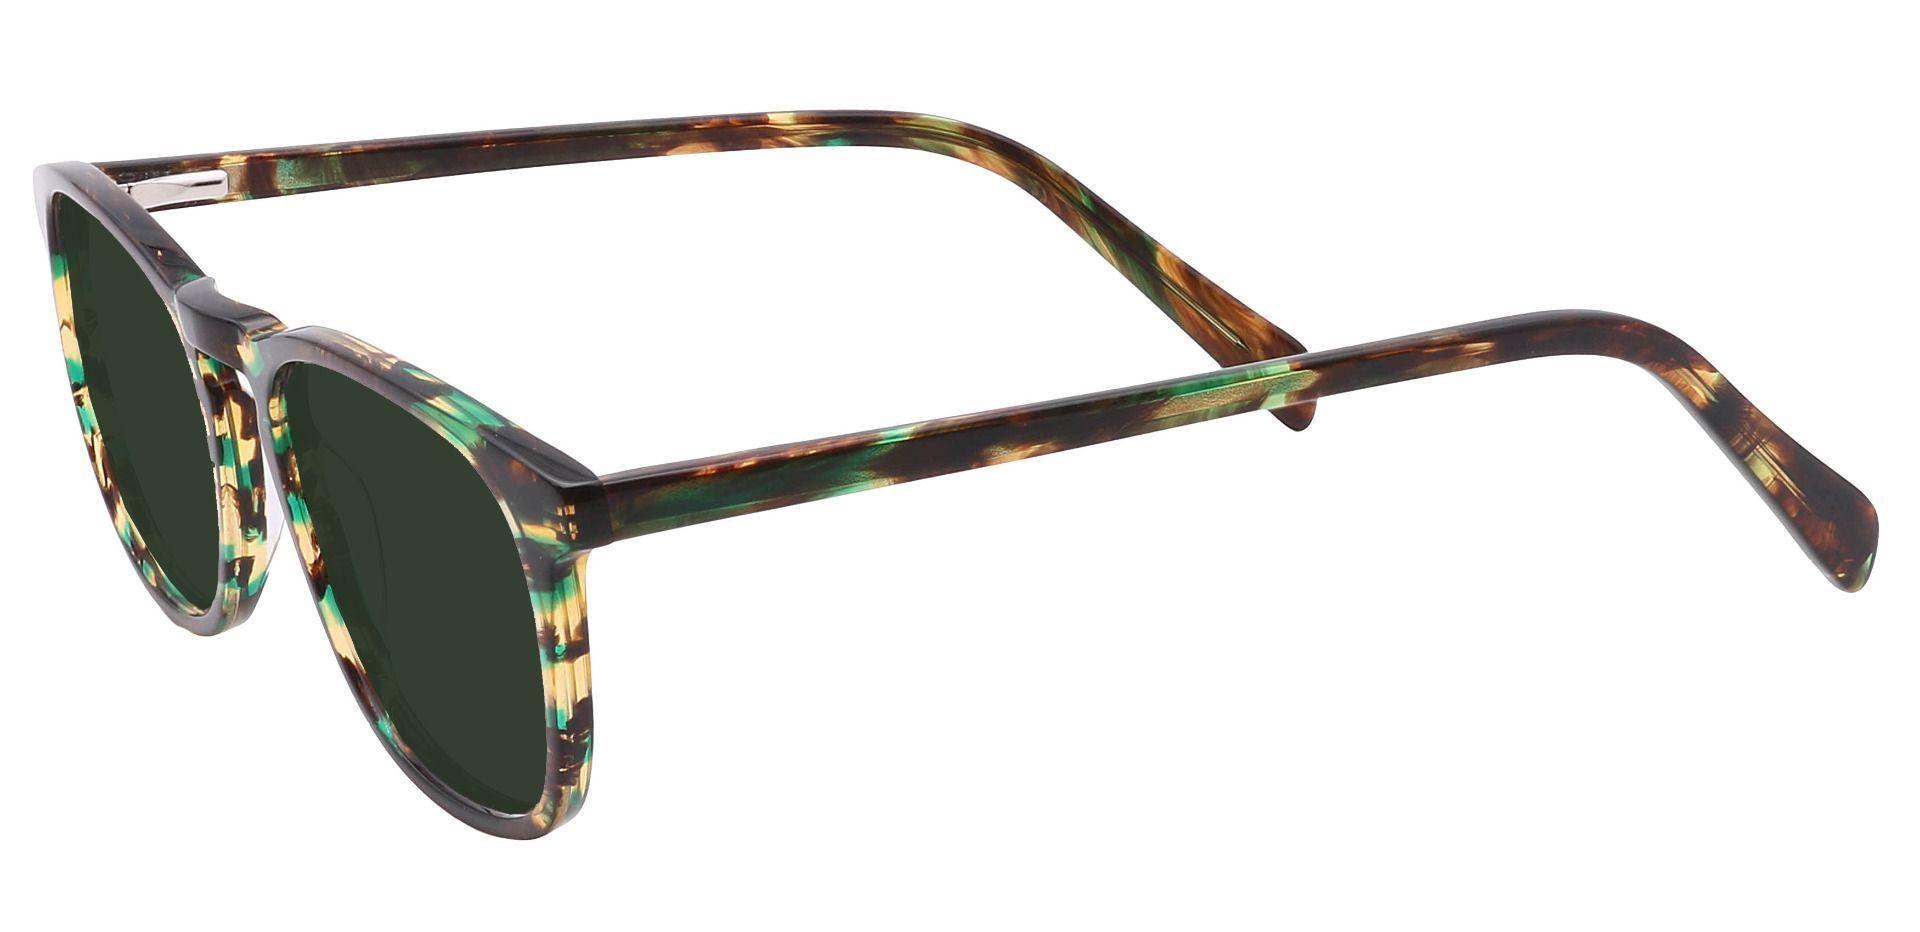 Venti Square Prescription Sunglasses - Green Frame With Green Lenses